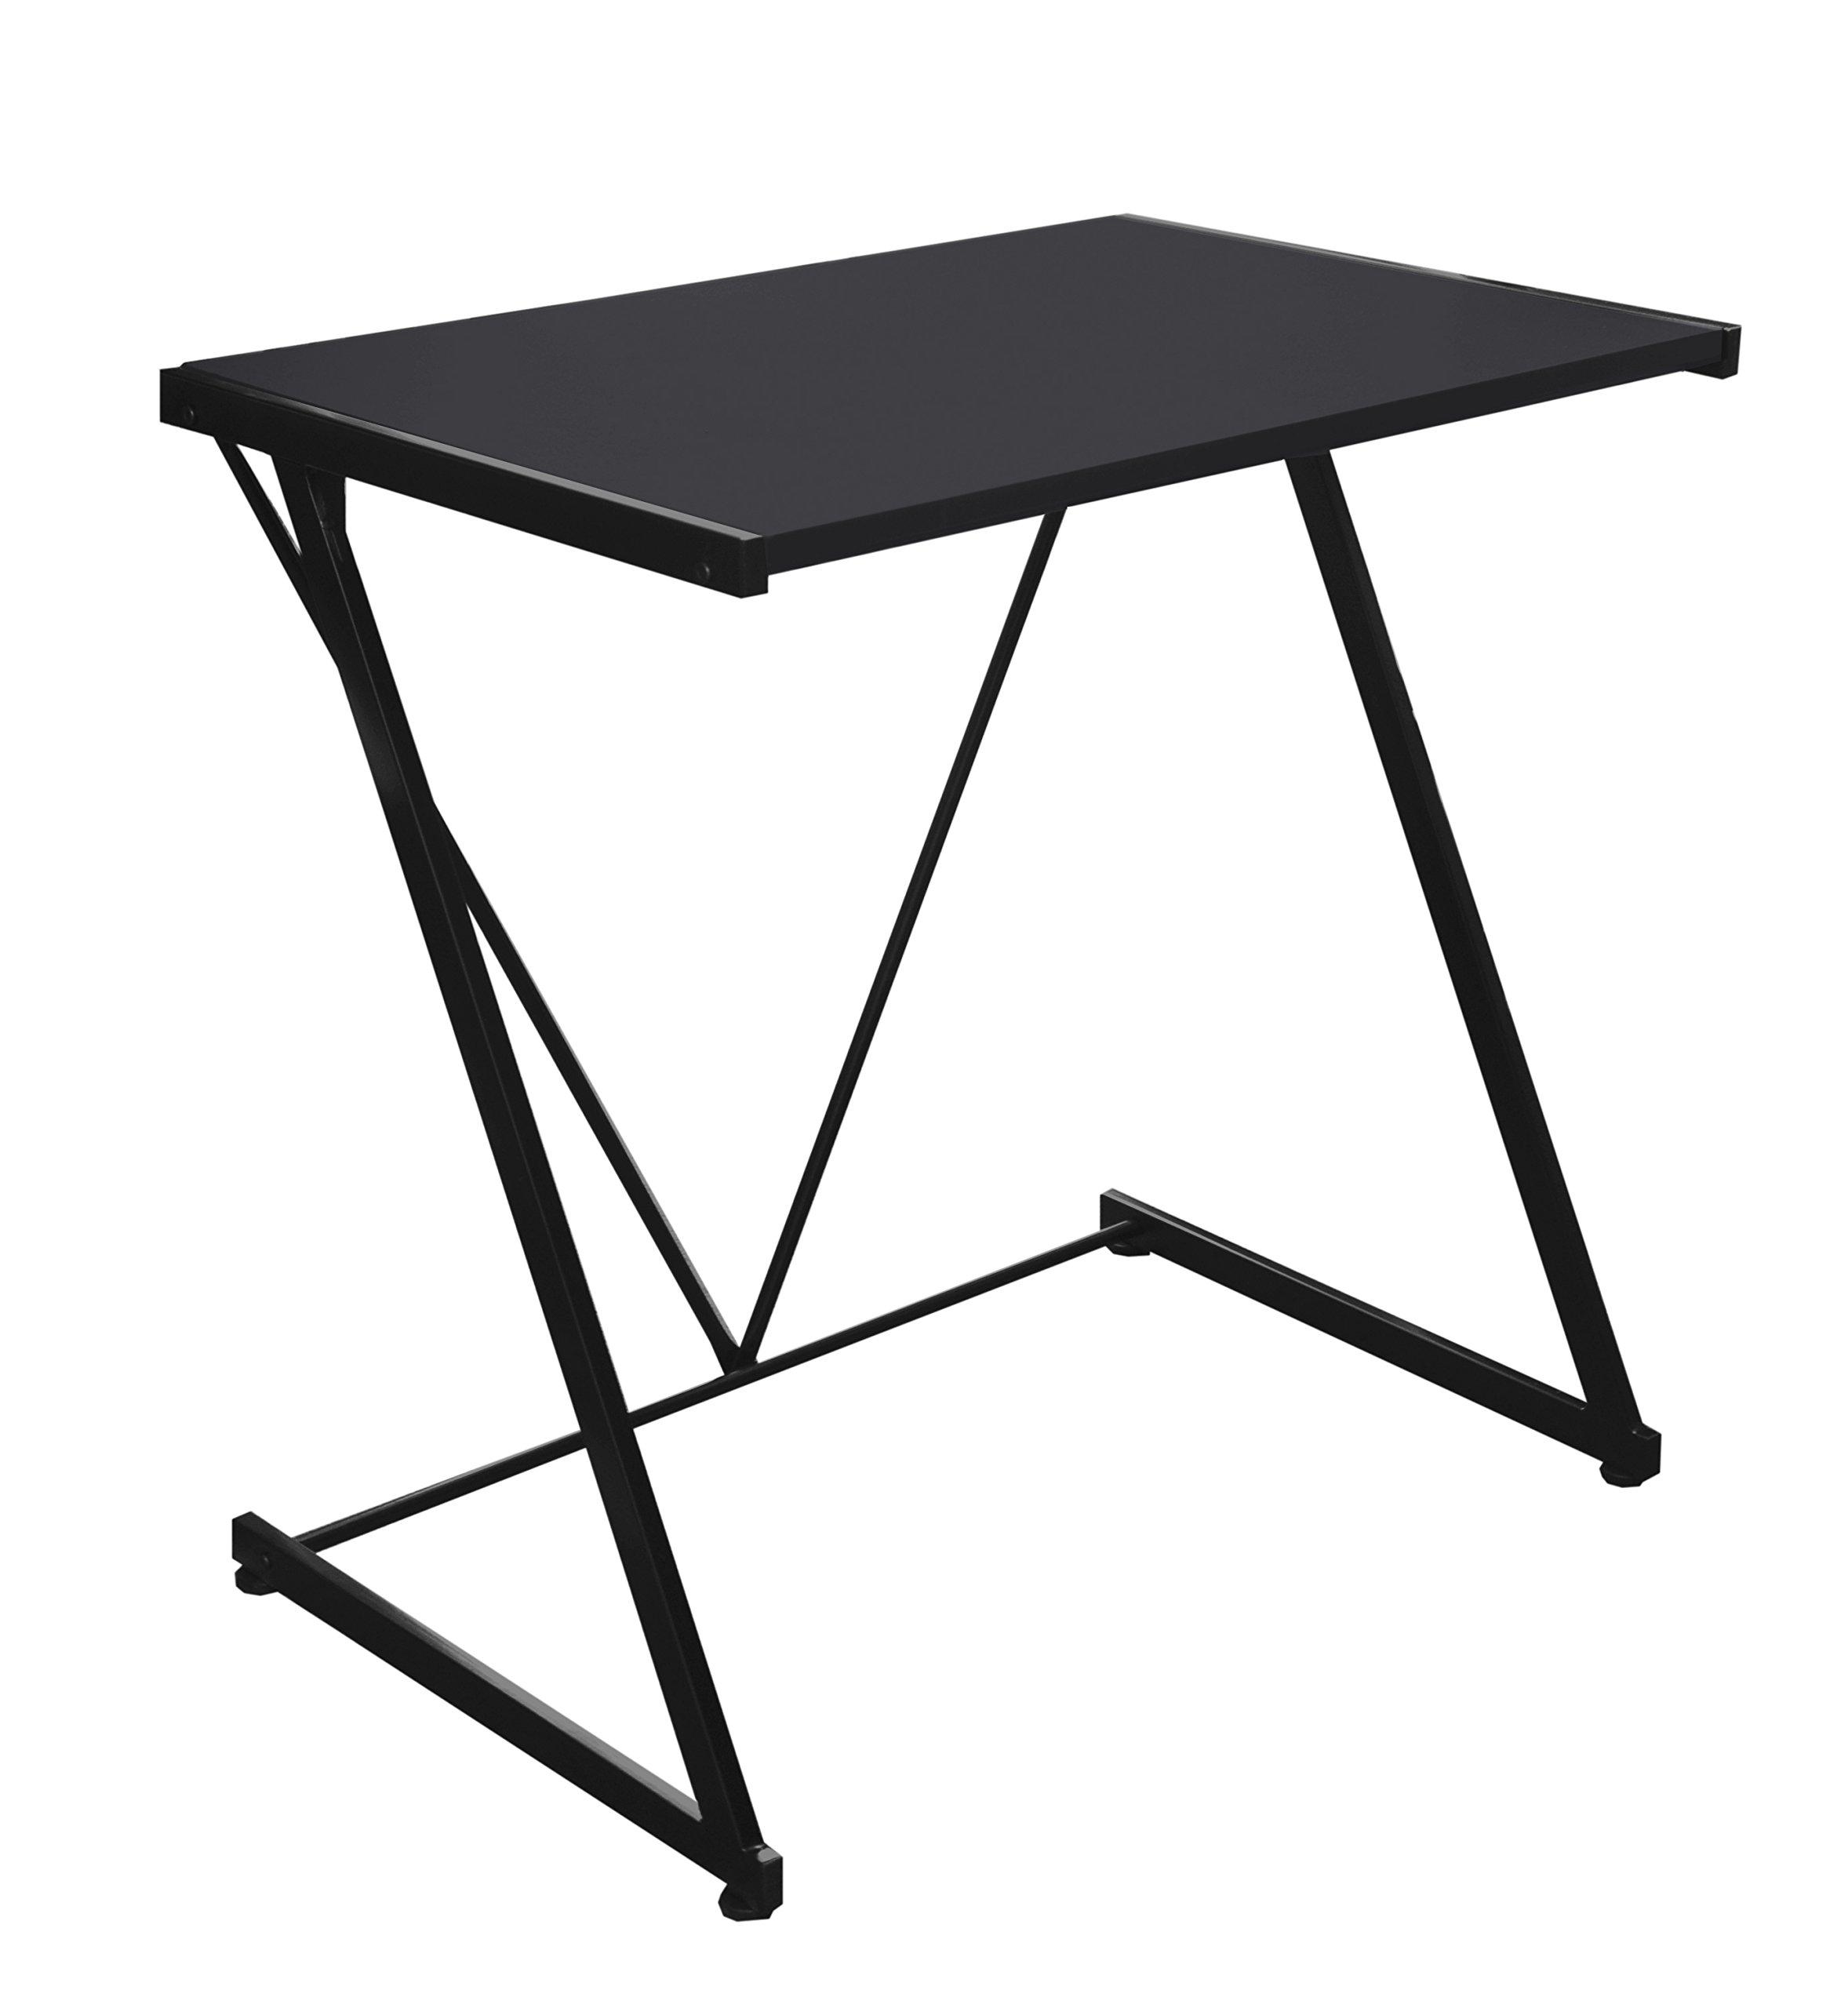 Urban Shop Z-Shaped Student Desk, Black